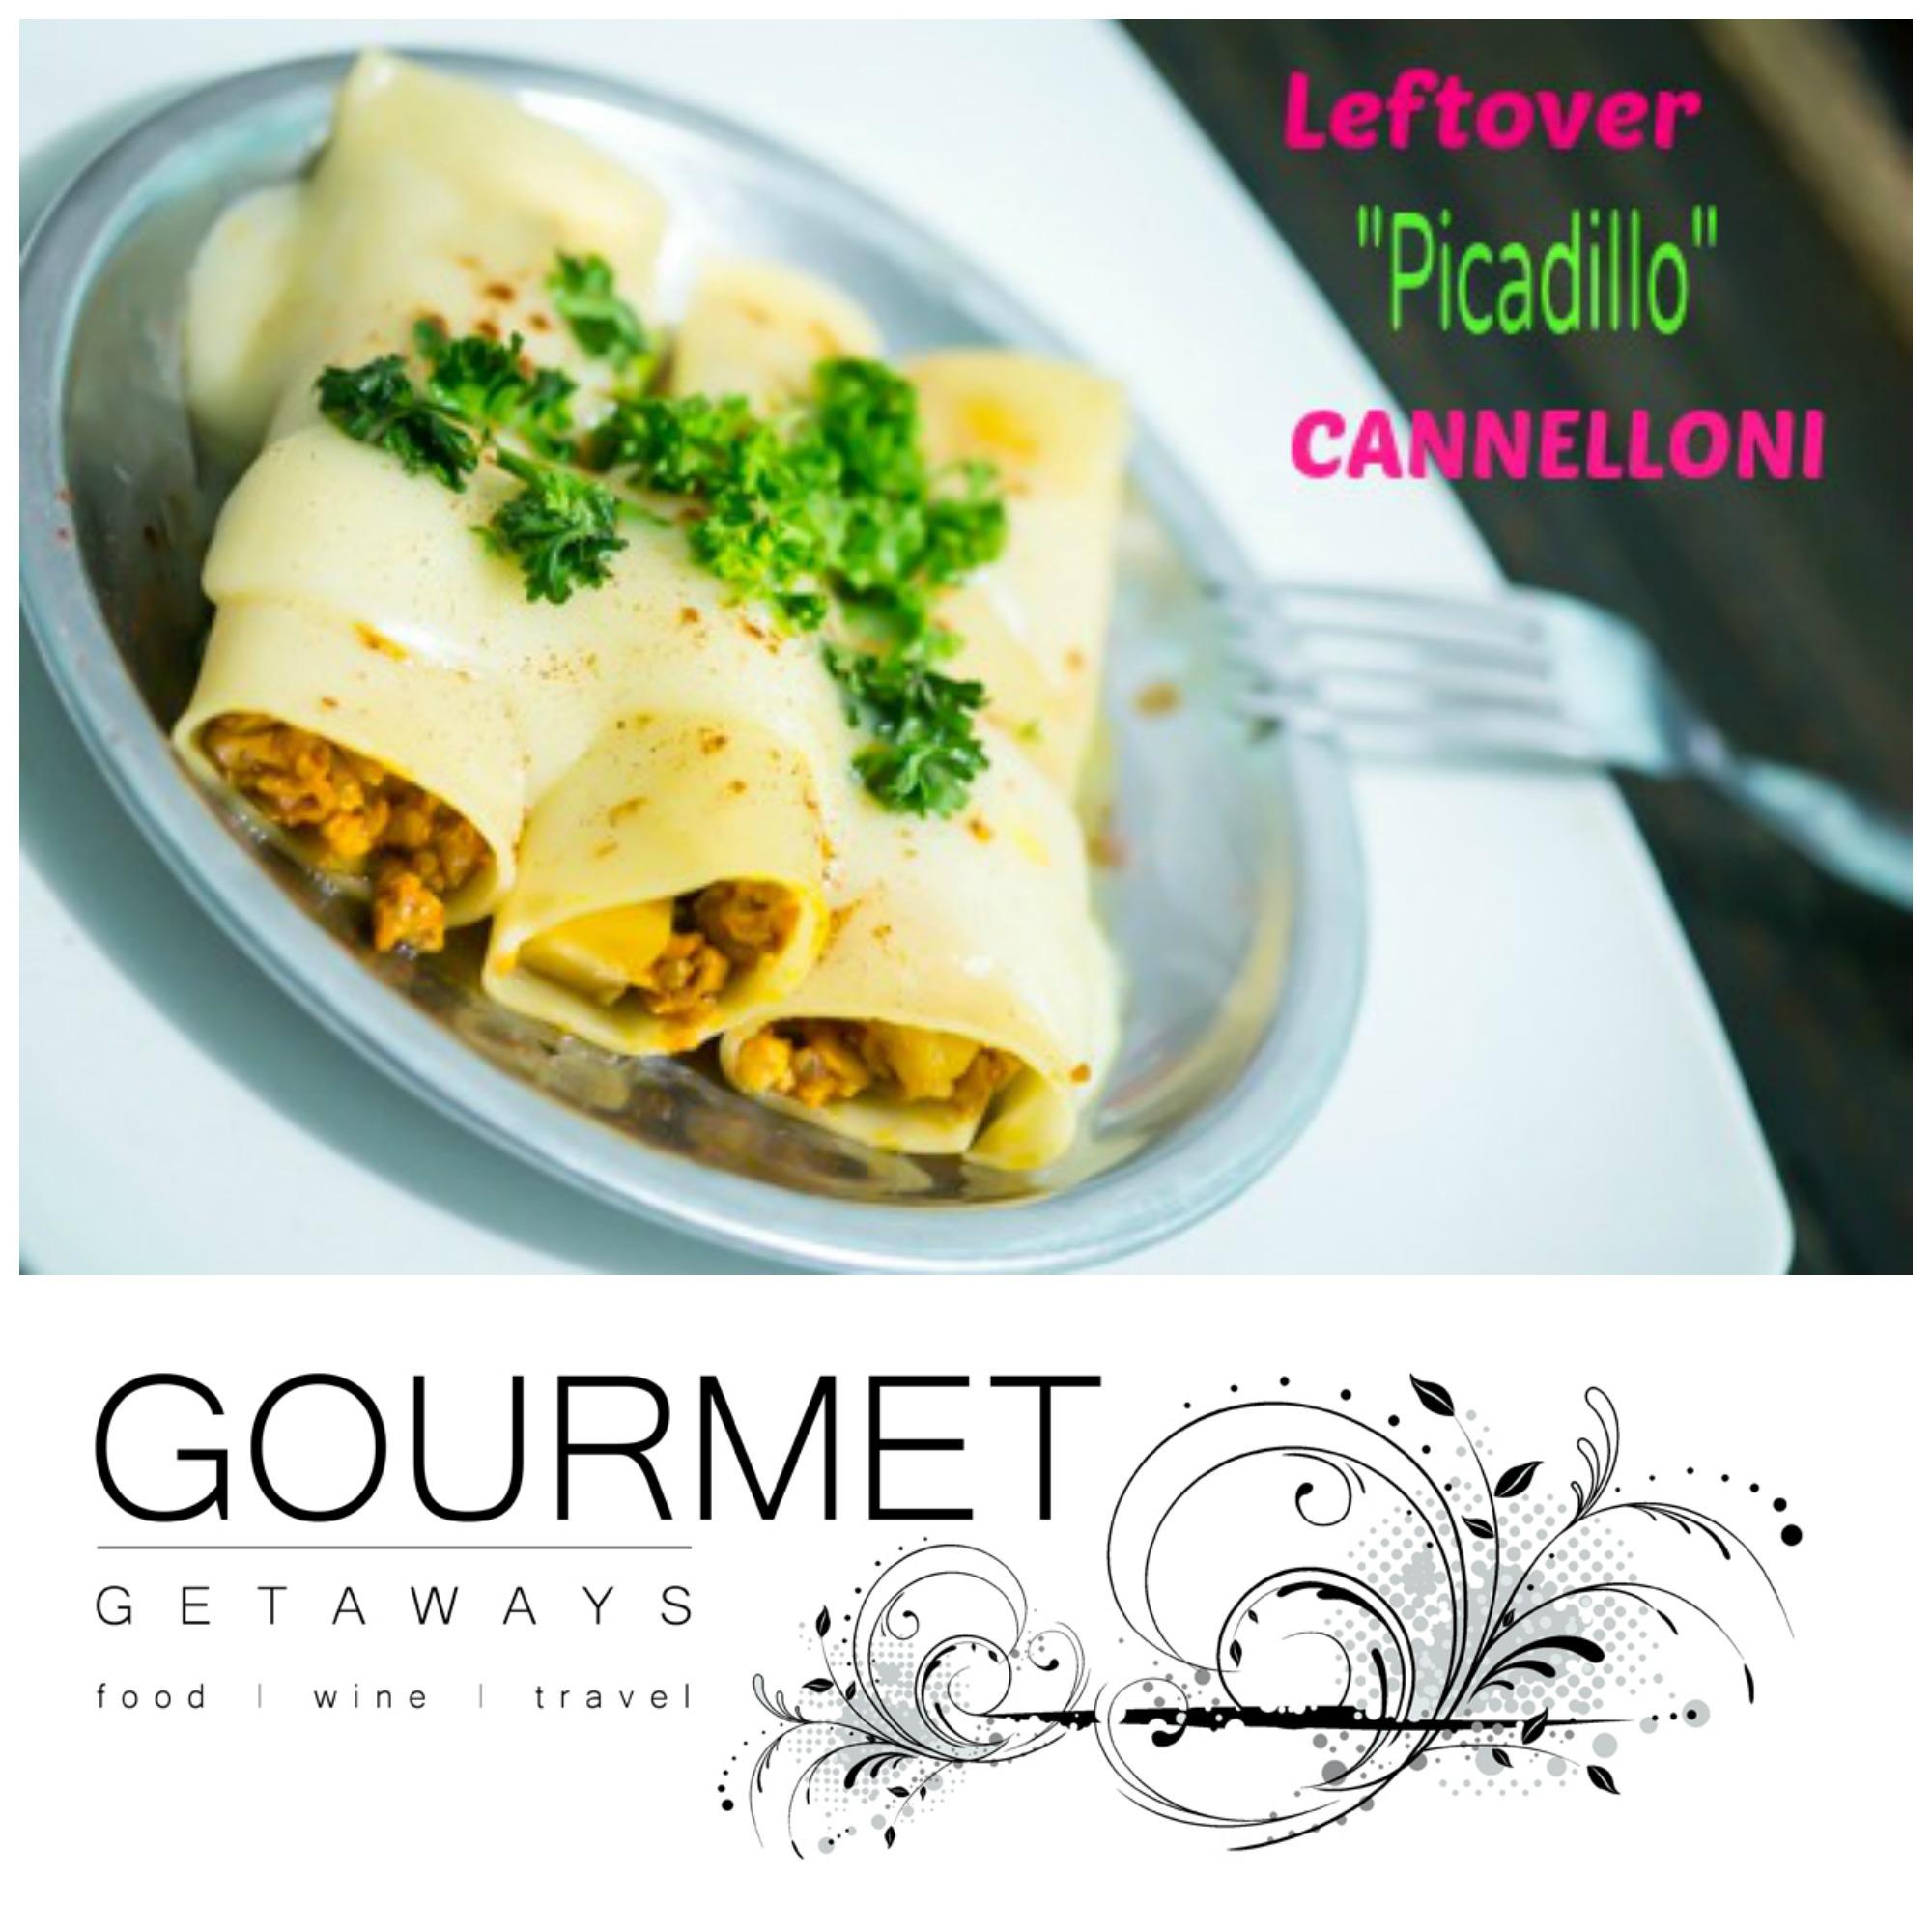 PIN ME - Leftover Picadillo Cannelloni